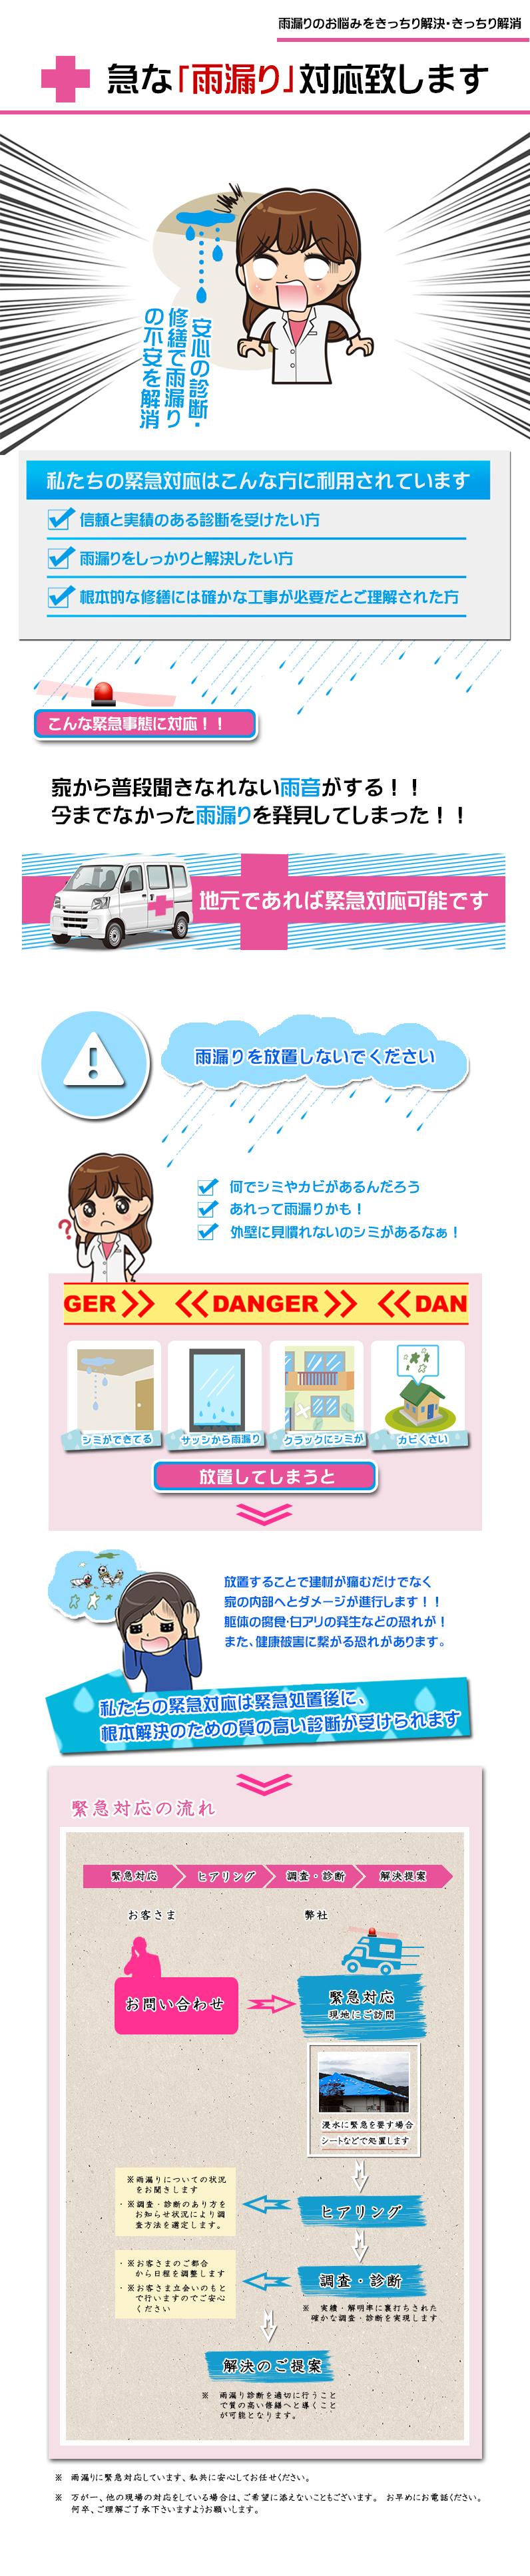 雨漏り緊急診断